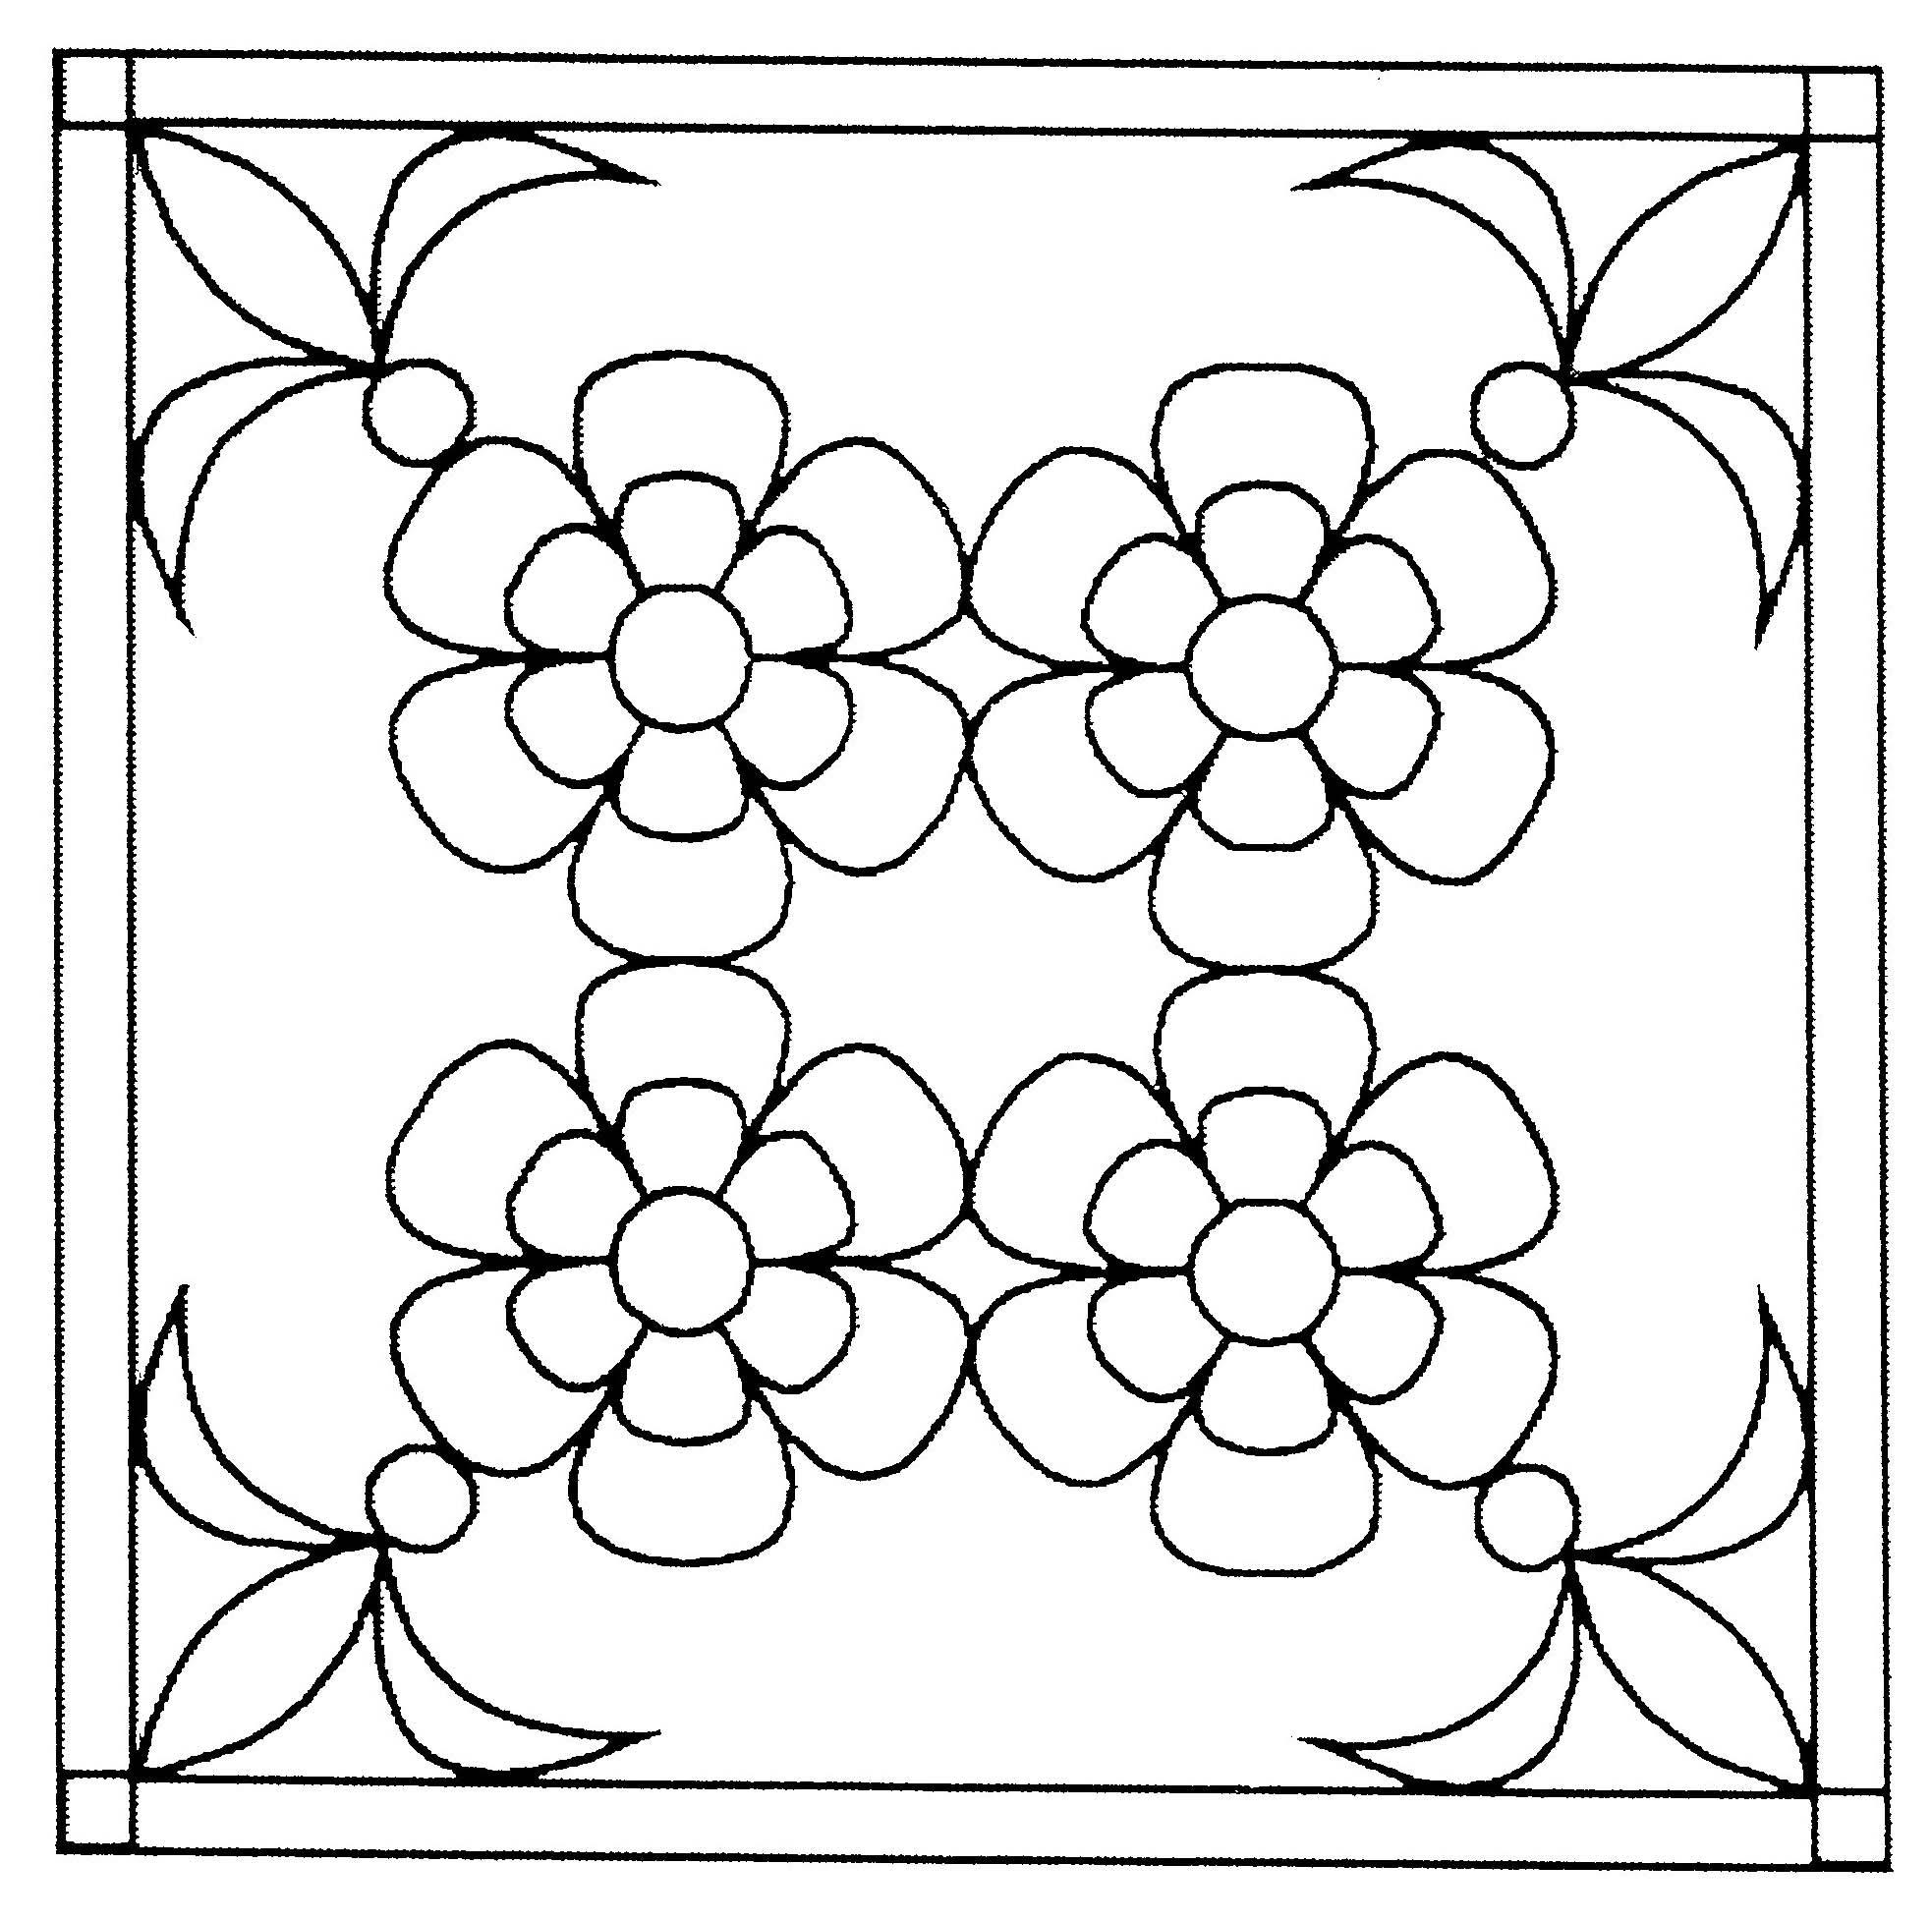 Dessins Fleurs à Imprimer Nouveau Dessin De Bouquet De Fleurs A